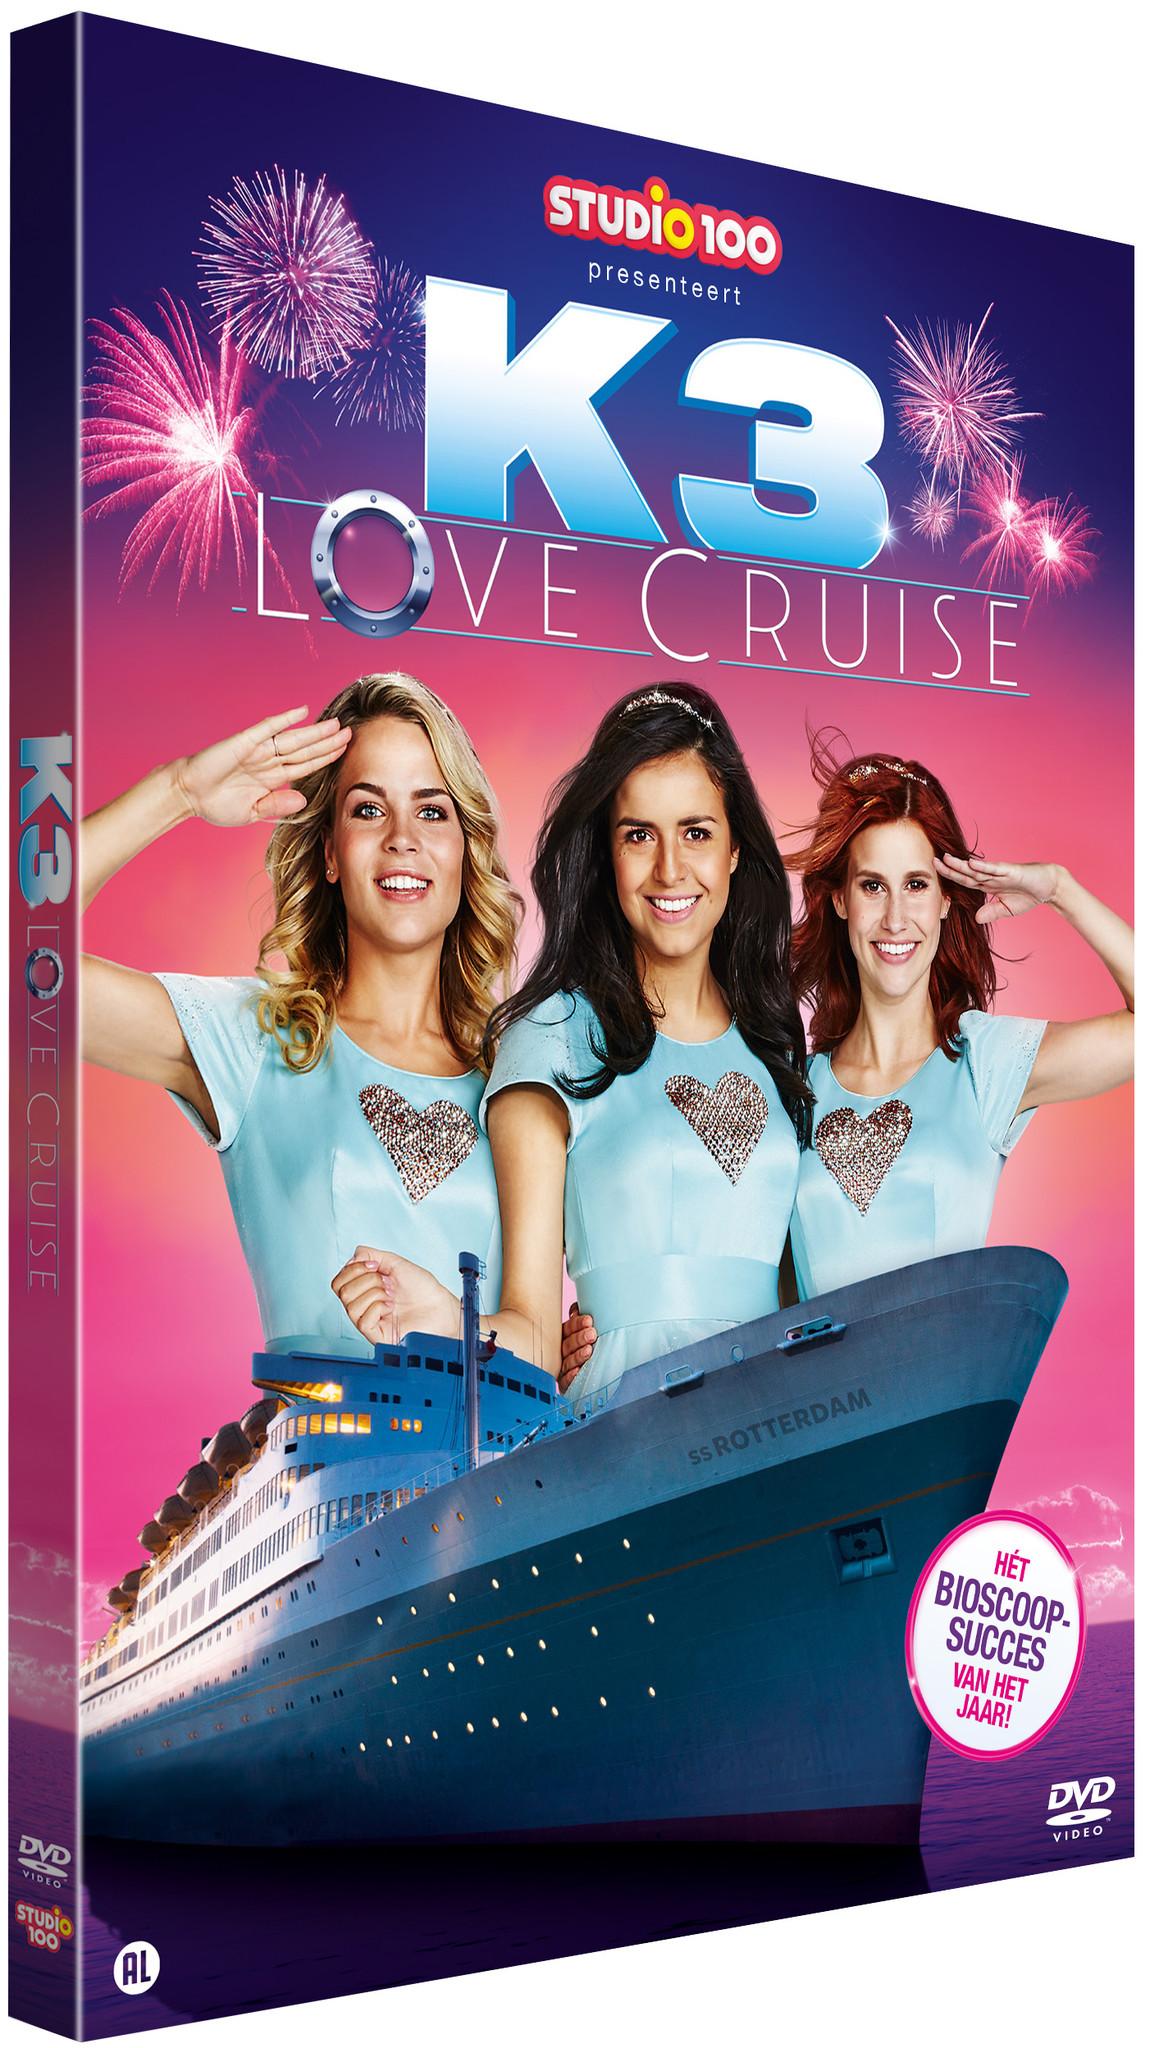 K3 DVD - Love Cruise